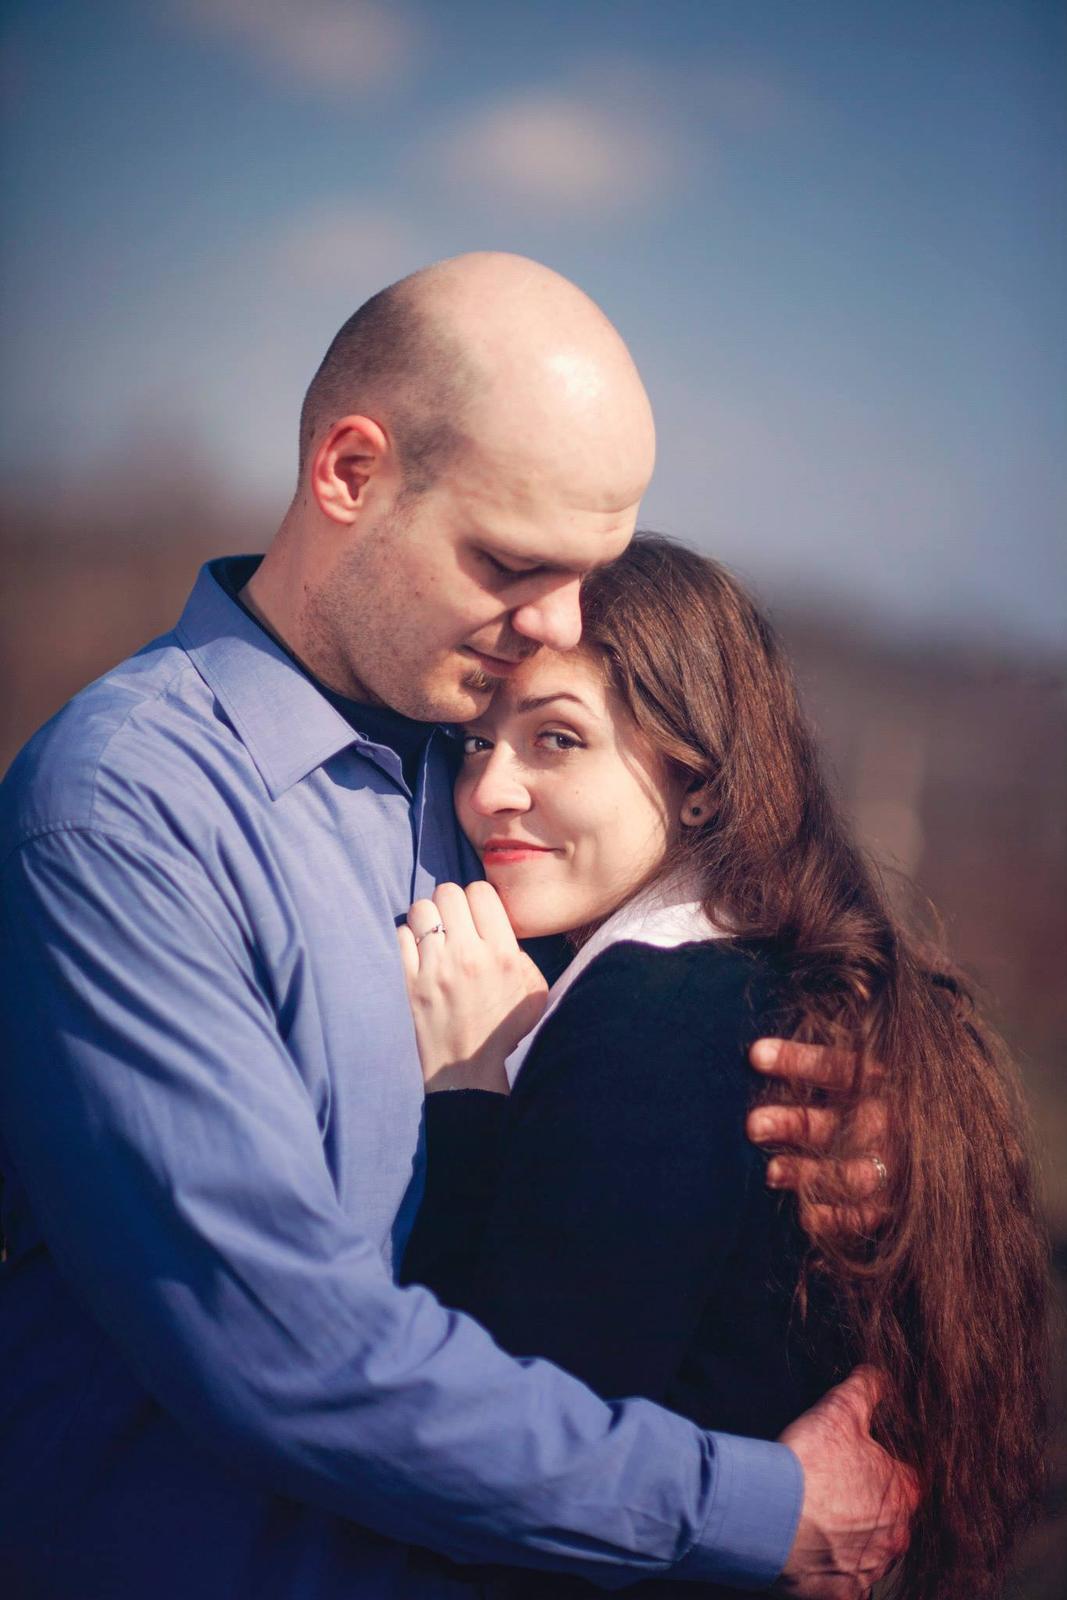 Rande fotenie - V náručí milovaného muža... Jednoducho šťastná...